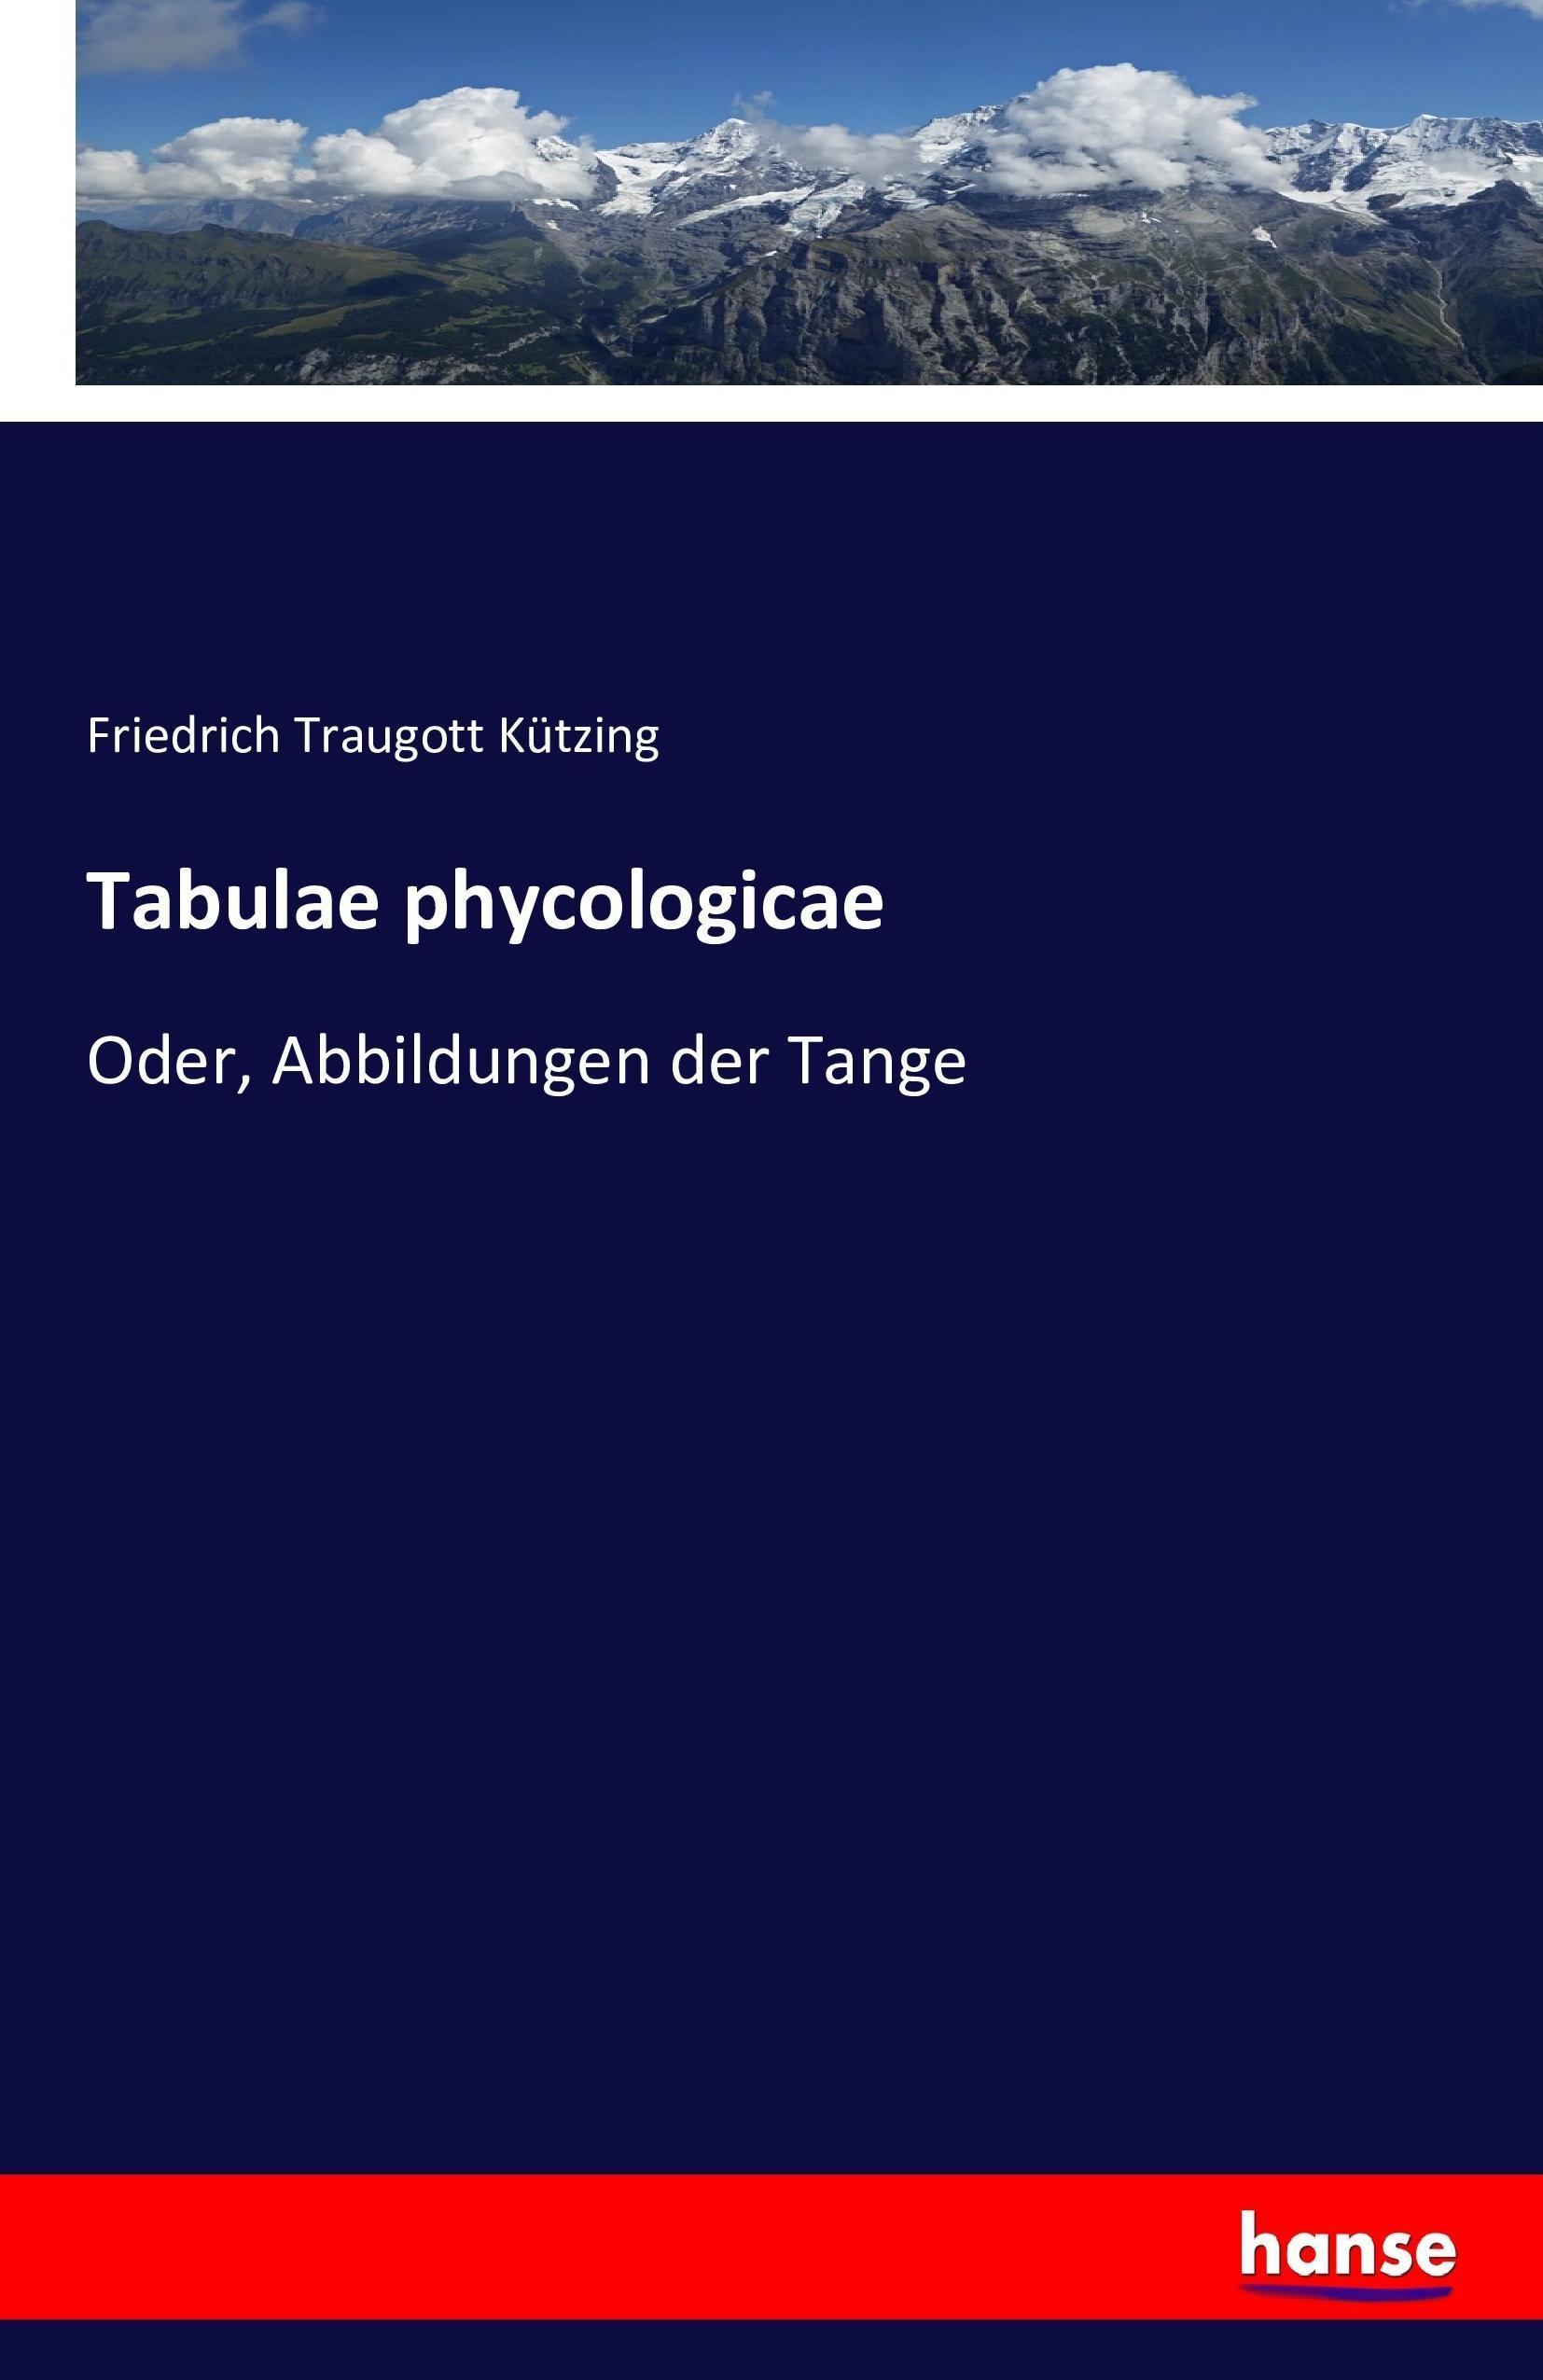 Tabulae phycologicae | Friedrich Traugott Kützing |  9783742891389